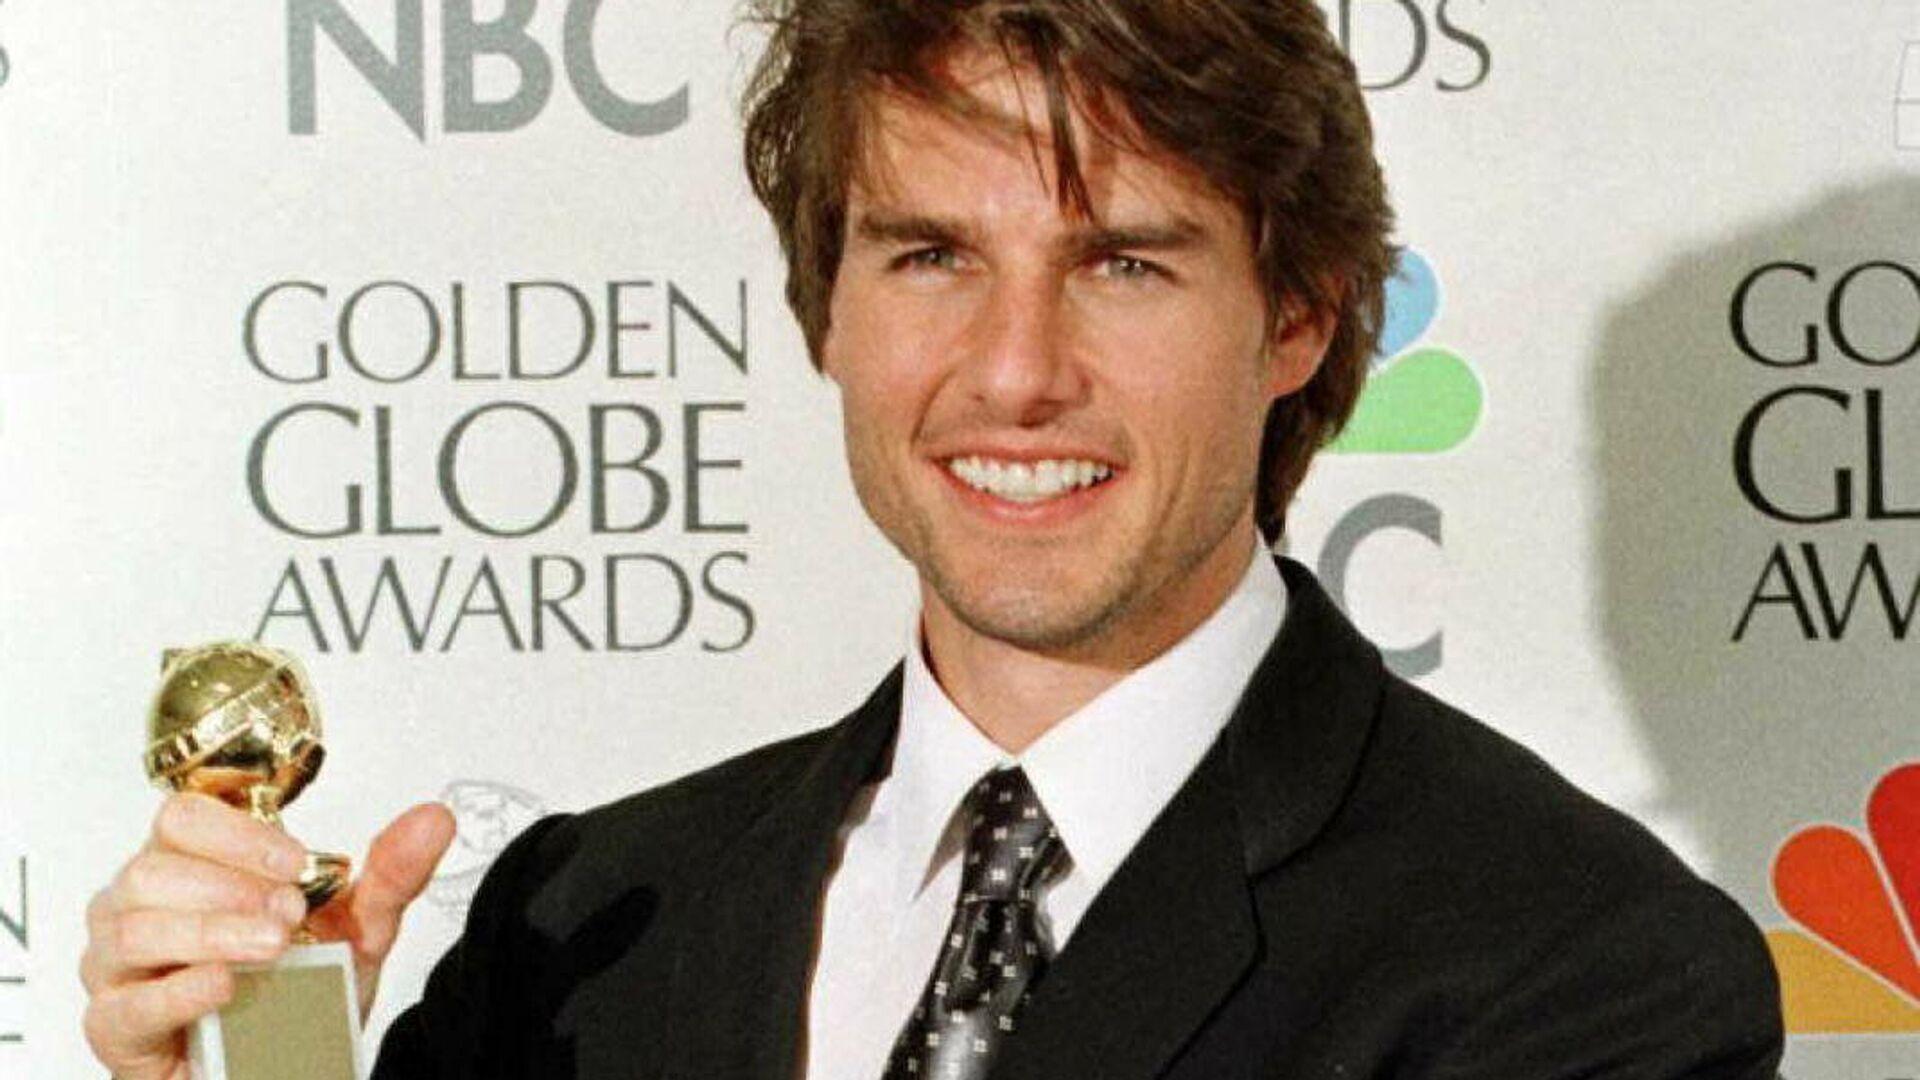 El actor Tom Cruise con el Globo de Oro por su interpretación en 'Jerry Maguire' - Sputnik Mundo, 1920, 11.05.2021